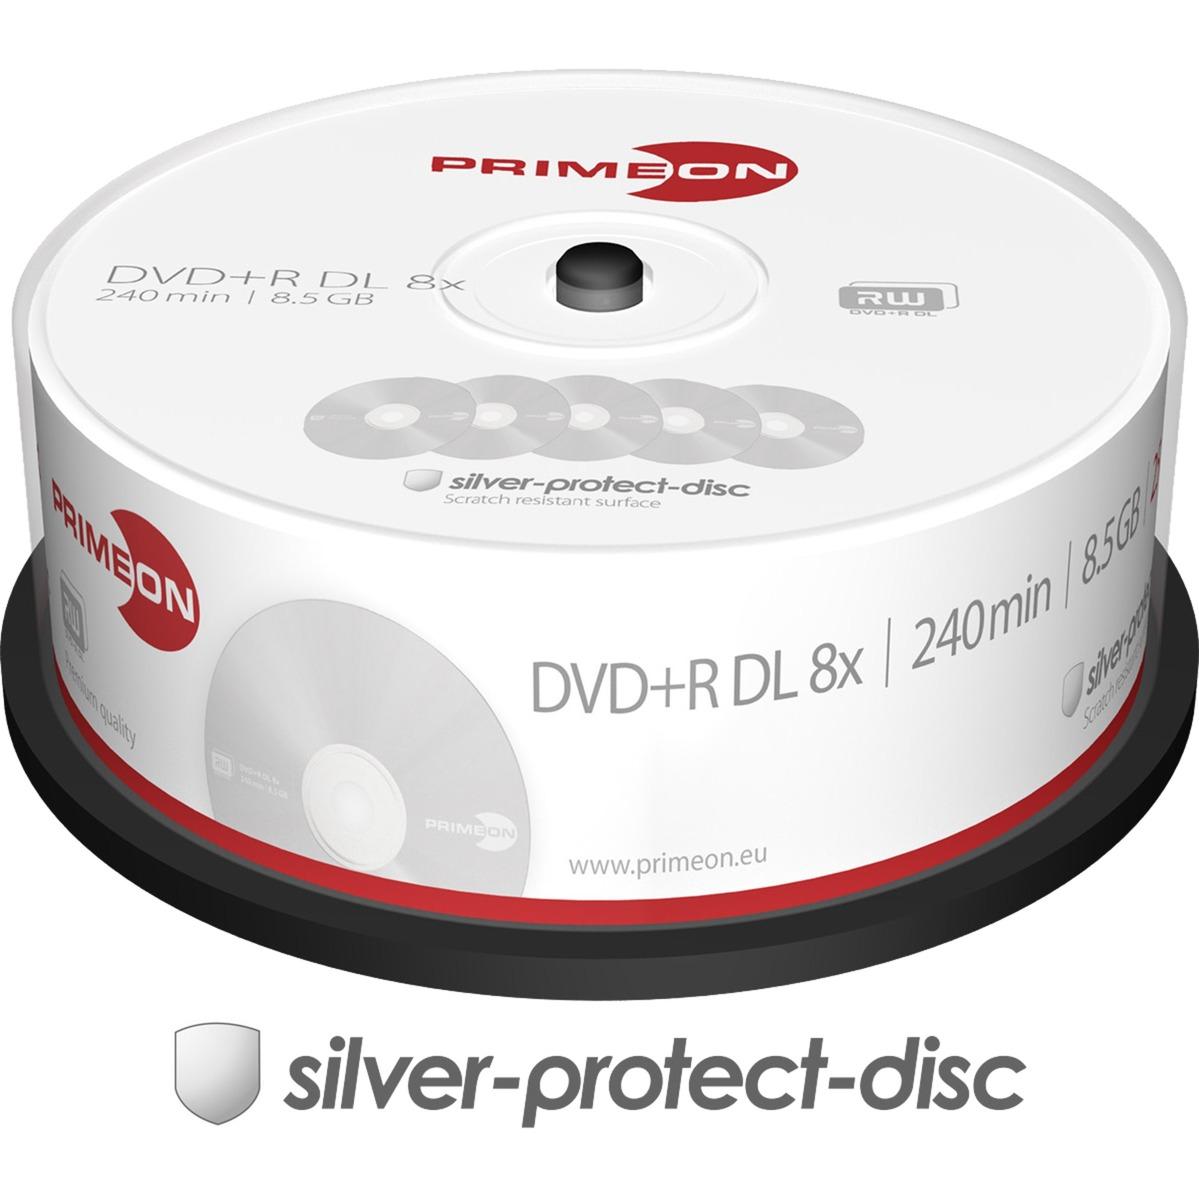 2761251 8.5GB DVD+R DL 25pieza(s) DVD en blanco, DVDs vírgenes